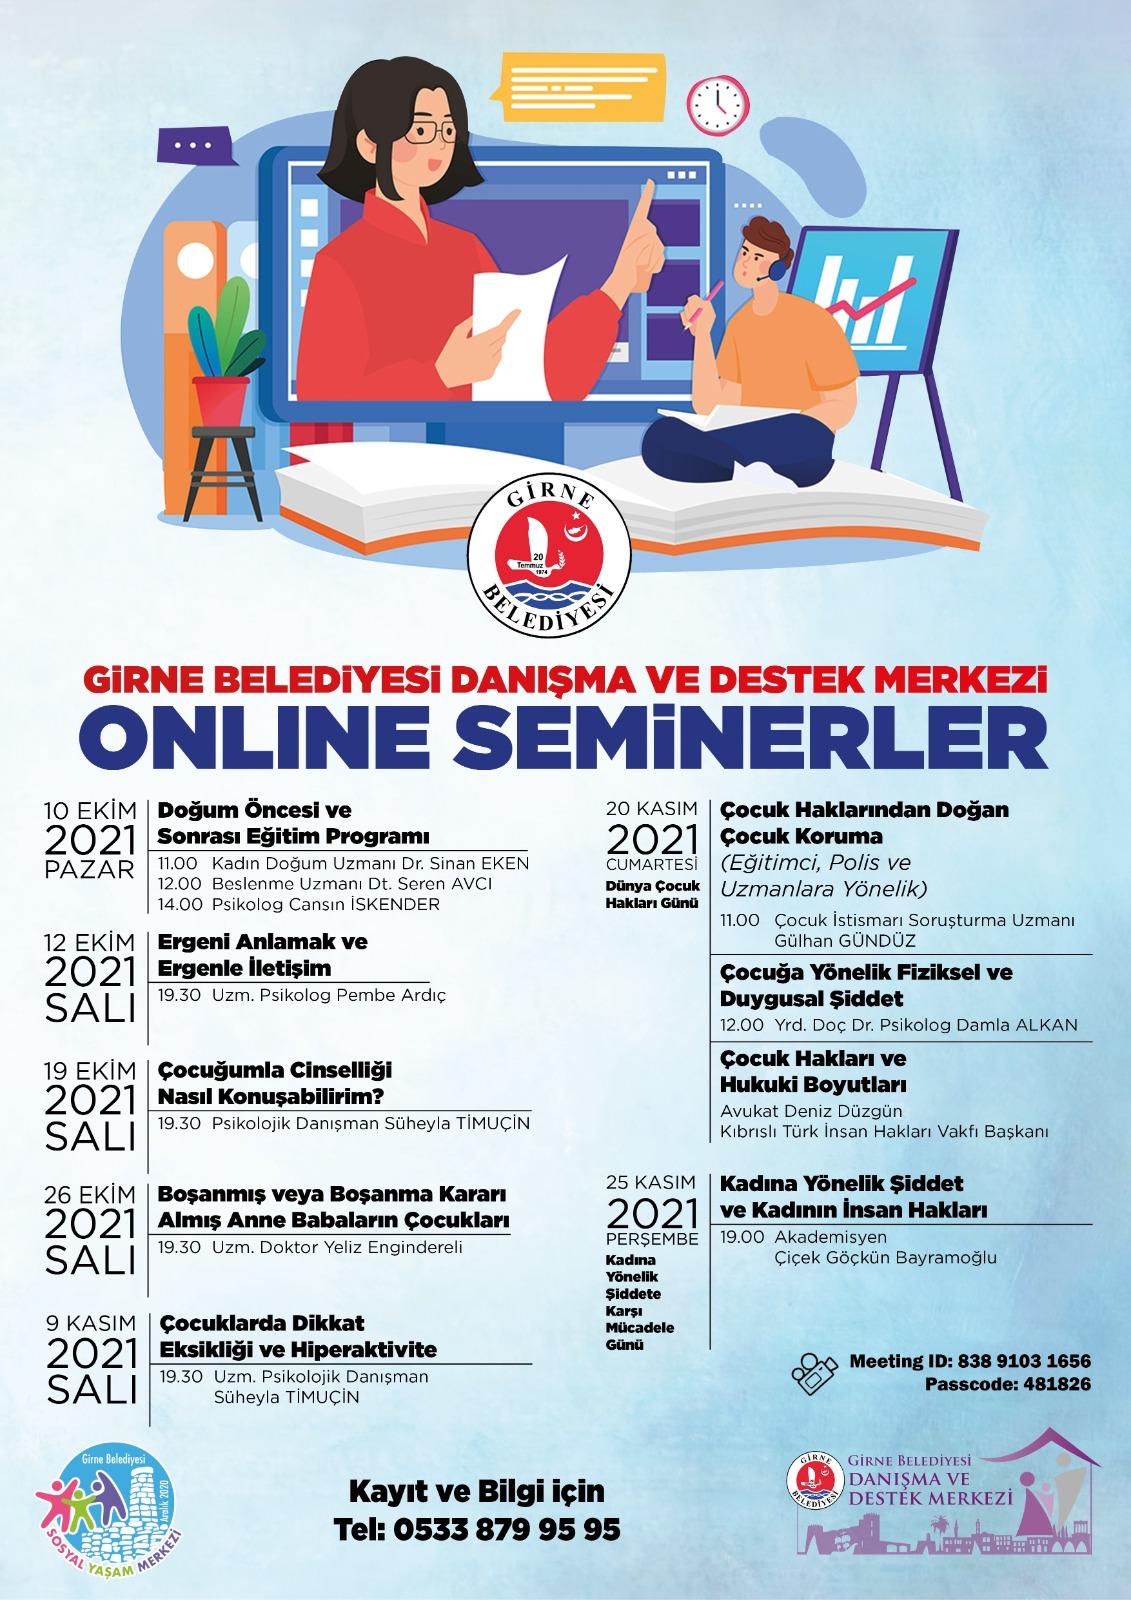 Girne Belediyesi'nden 11 uzman, 11 seminer!